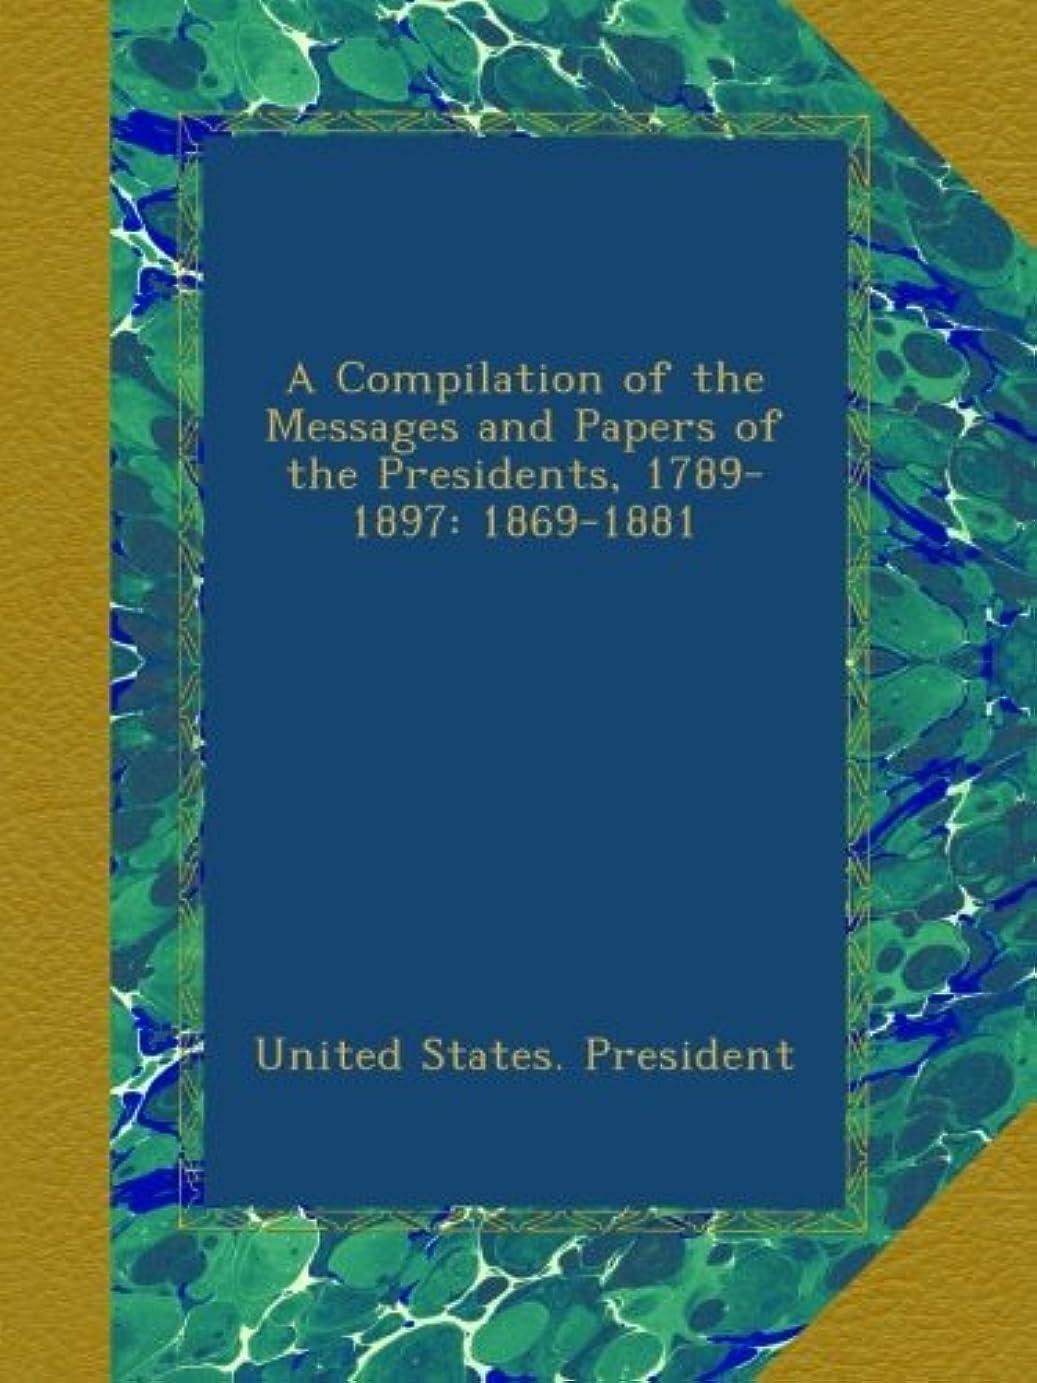 銀不透明な花に水をやるA Compilation of the Messages and Papers of the Presidents, 1789-1897: 1869-1881